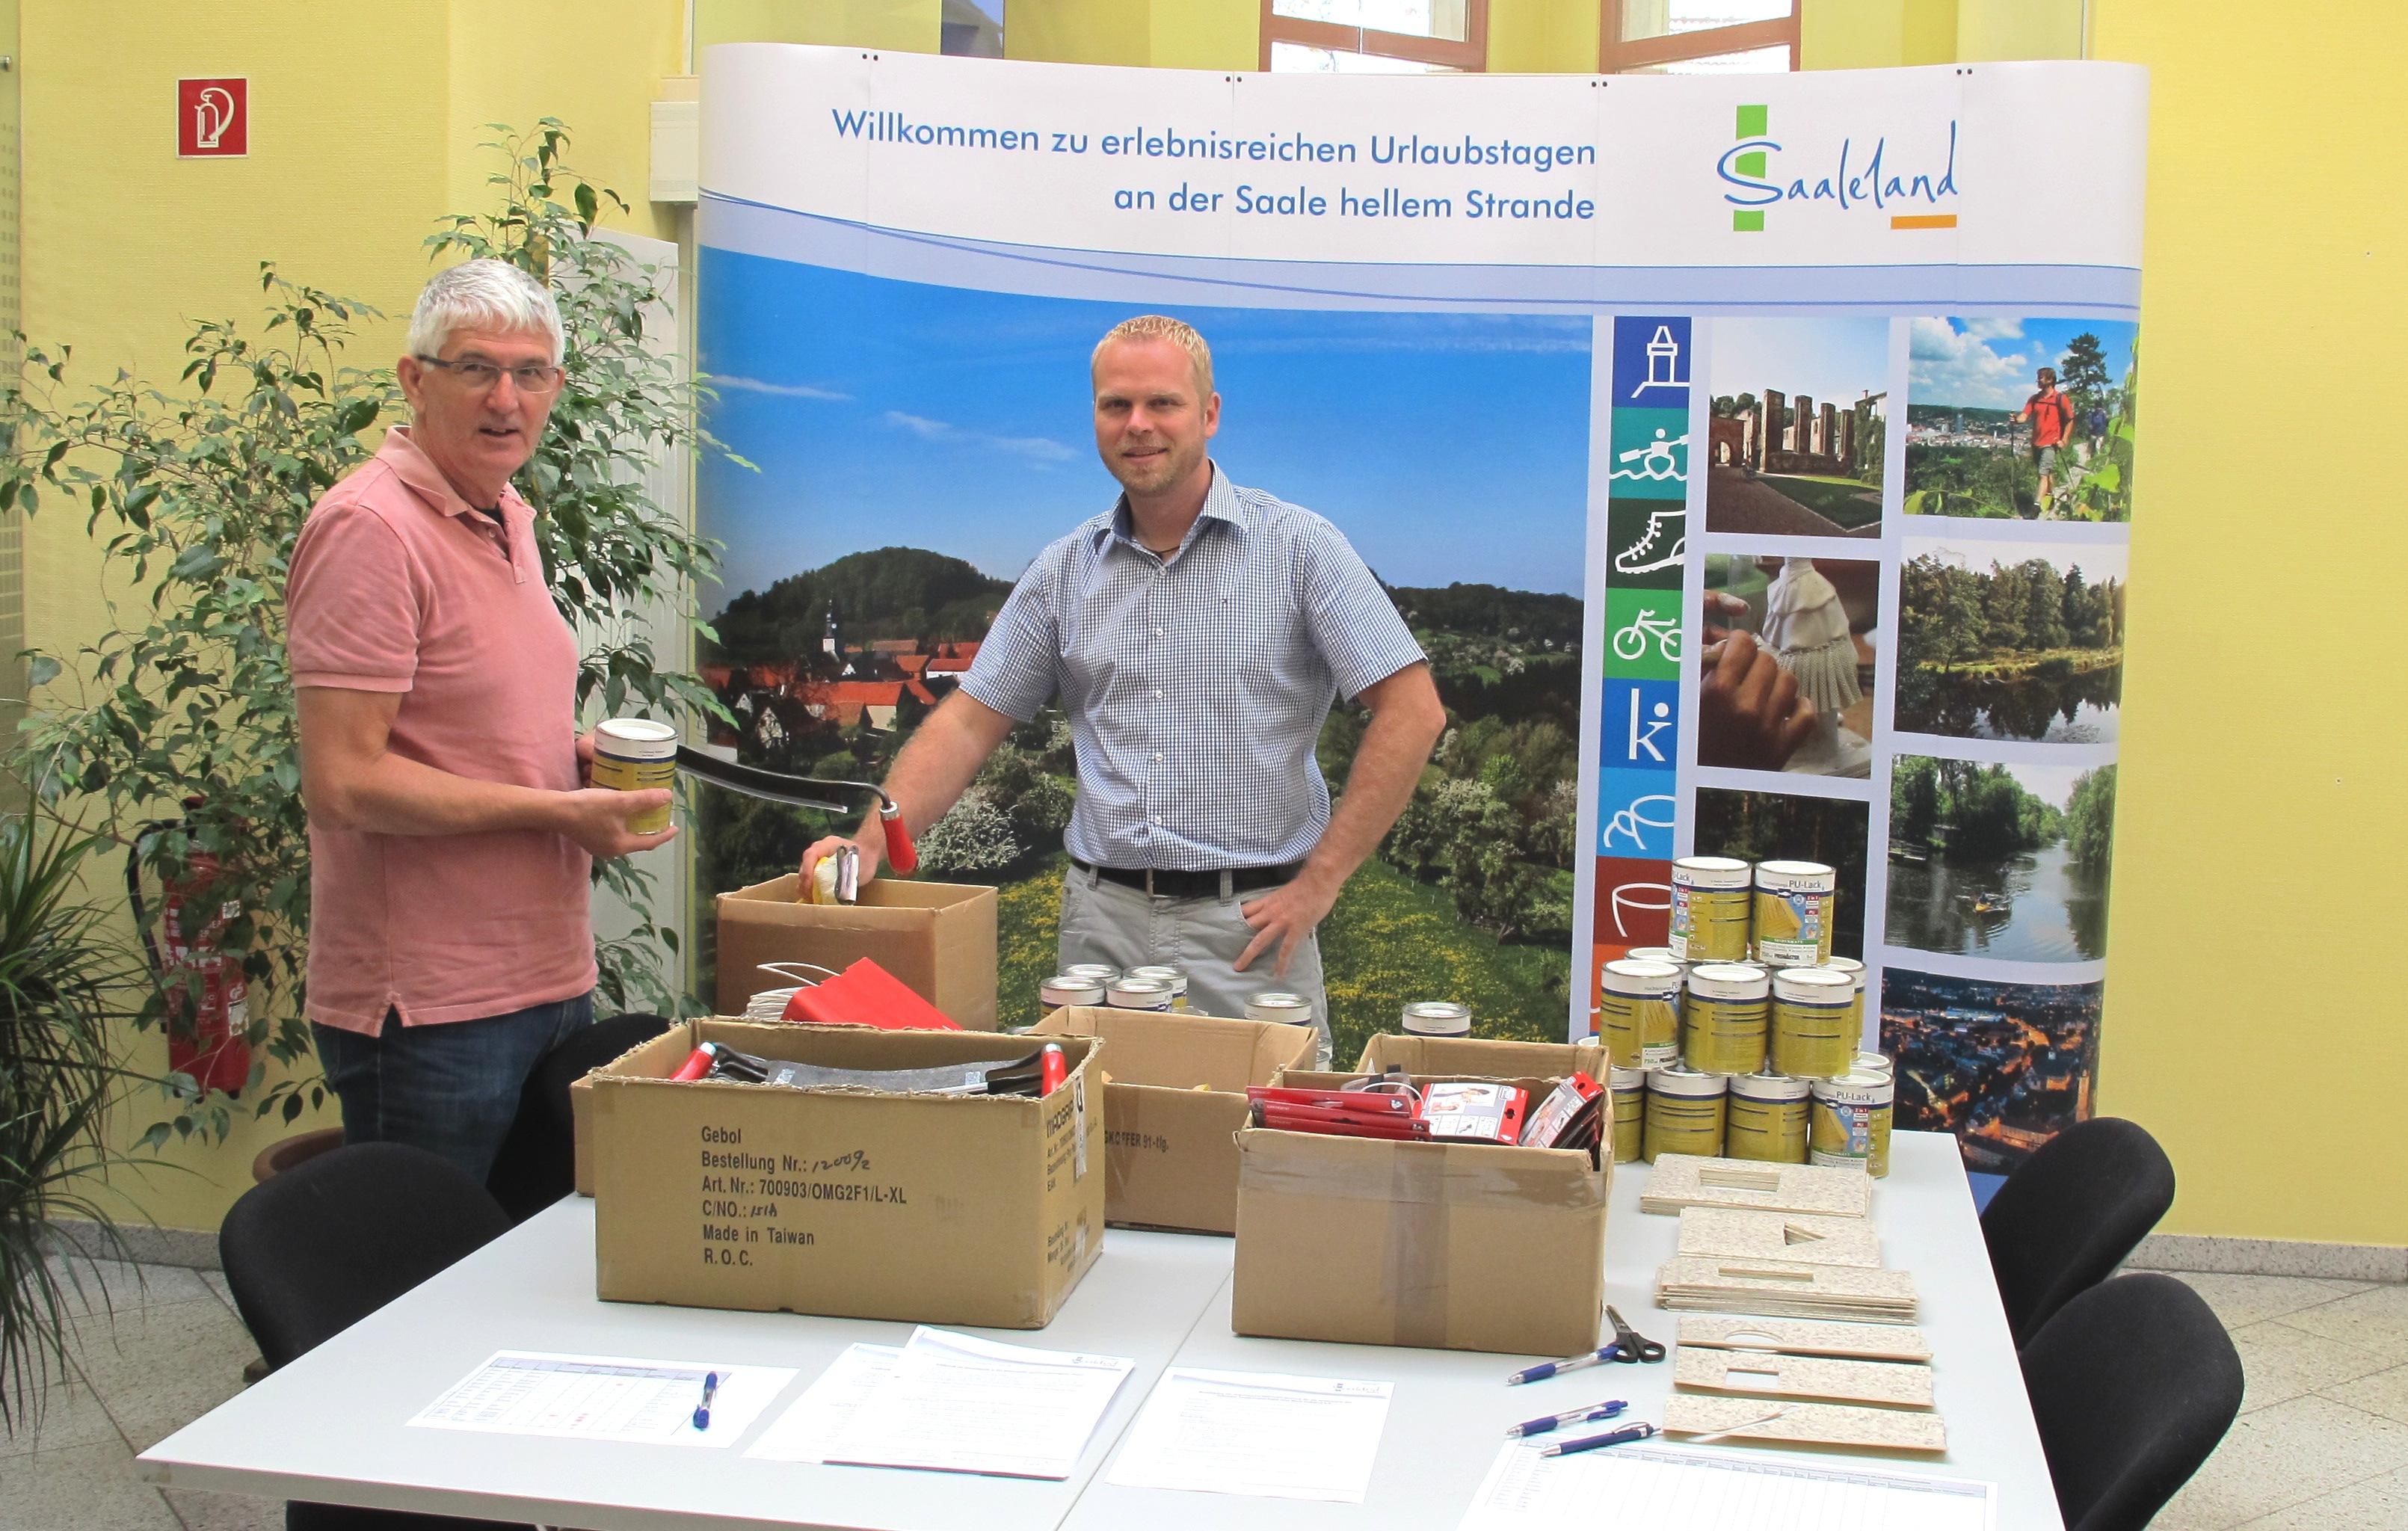 Übergabe der Arbeitsmaterialien an die Wanderwegewarte, Quelle: RAG Saale-Holzland